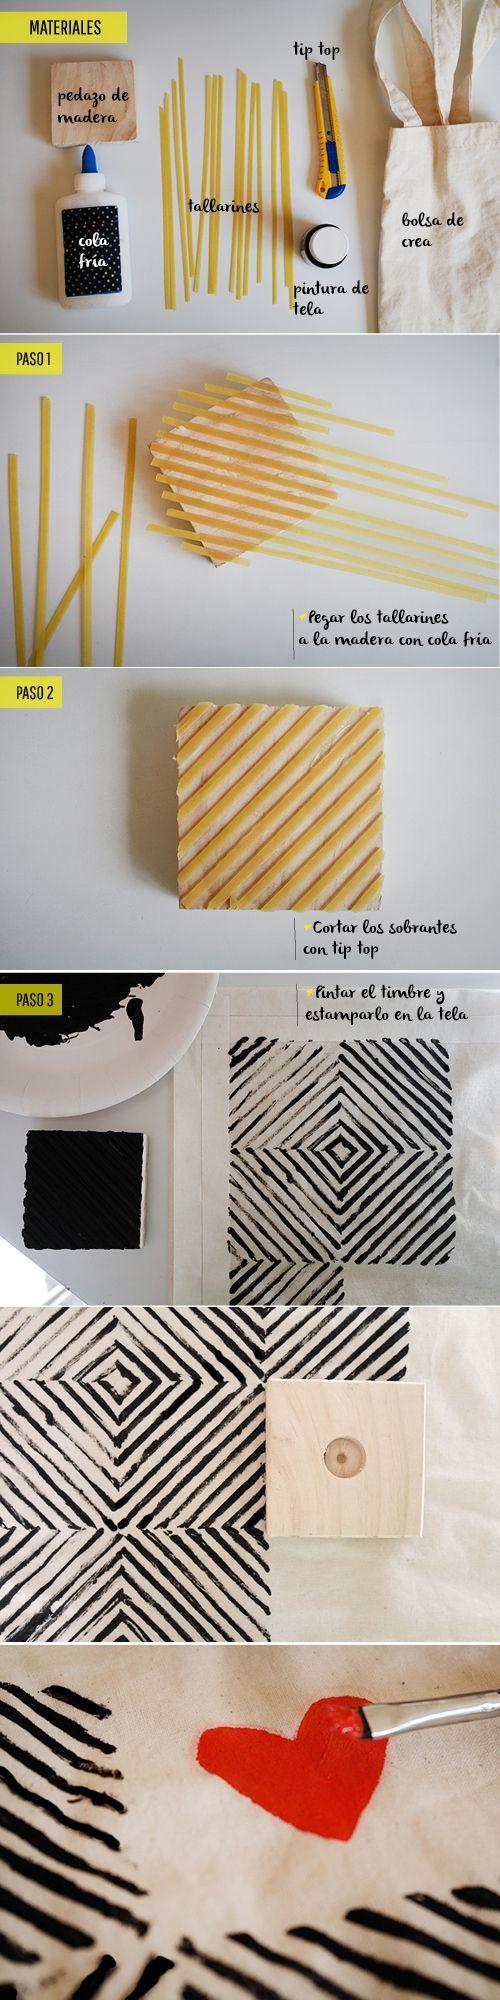 stempeln mit nudeln stoffe bestempeln und bedrucken pinterest stempeln nudeln und stempel. Black Bedroom Furniture Sets. Home Design Ideas